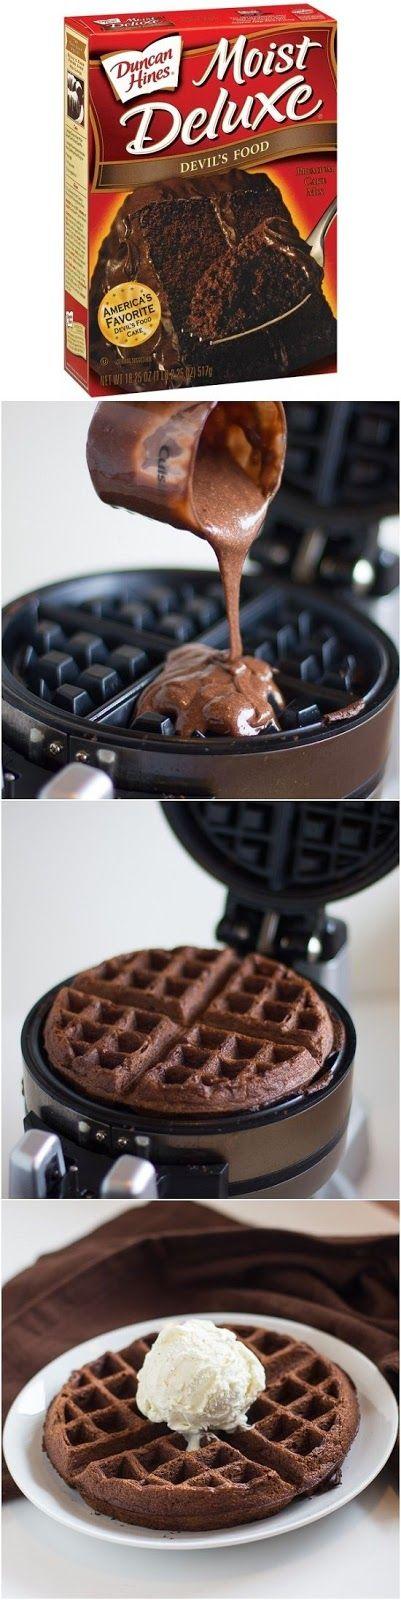 1 mistura de bolo de chocolate 1 1/3 xícaras de água 1/3 xícara de óleo vegetal 3 ovos Fazer massa de bolo conforme as instruções na caixa, usando água, óleo e ovos.